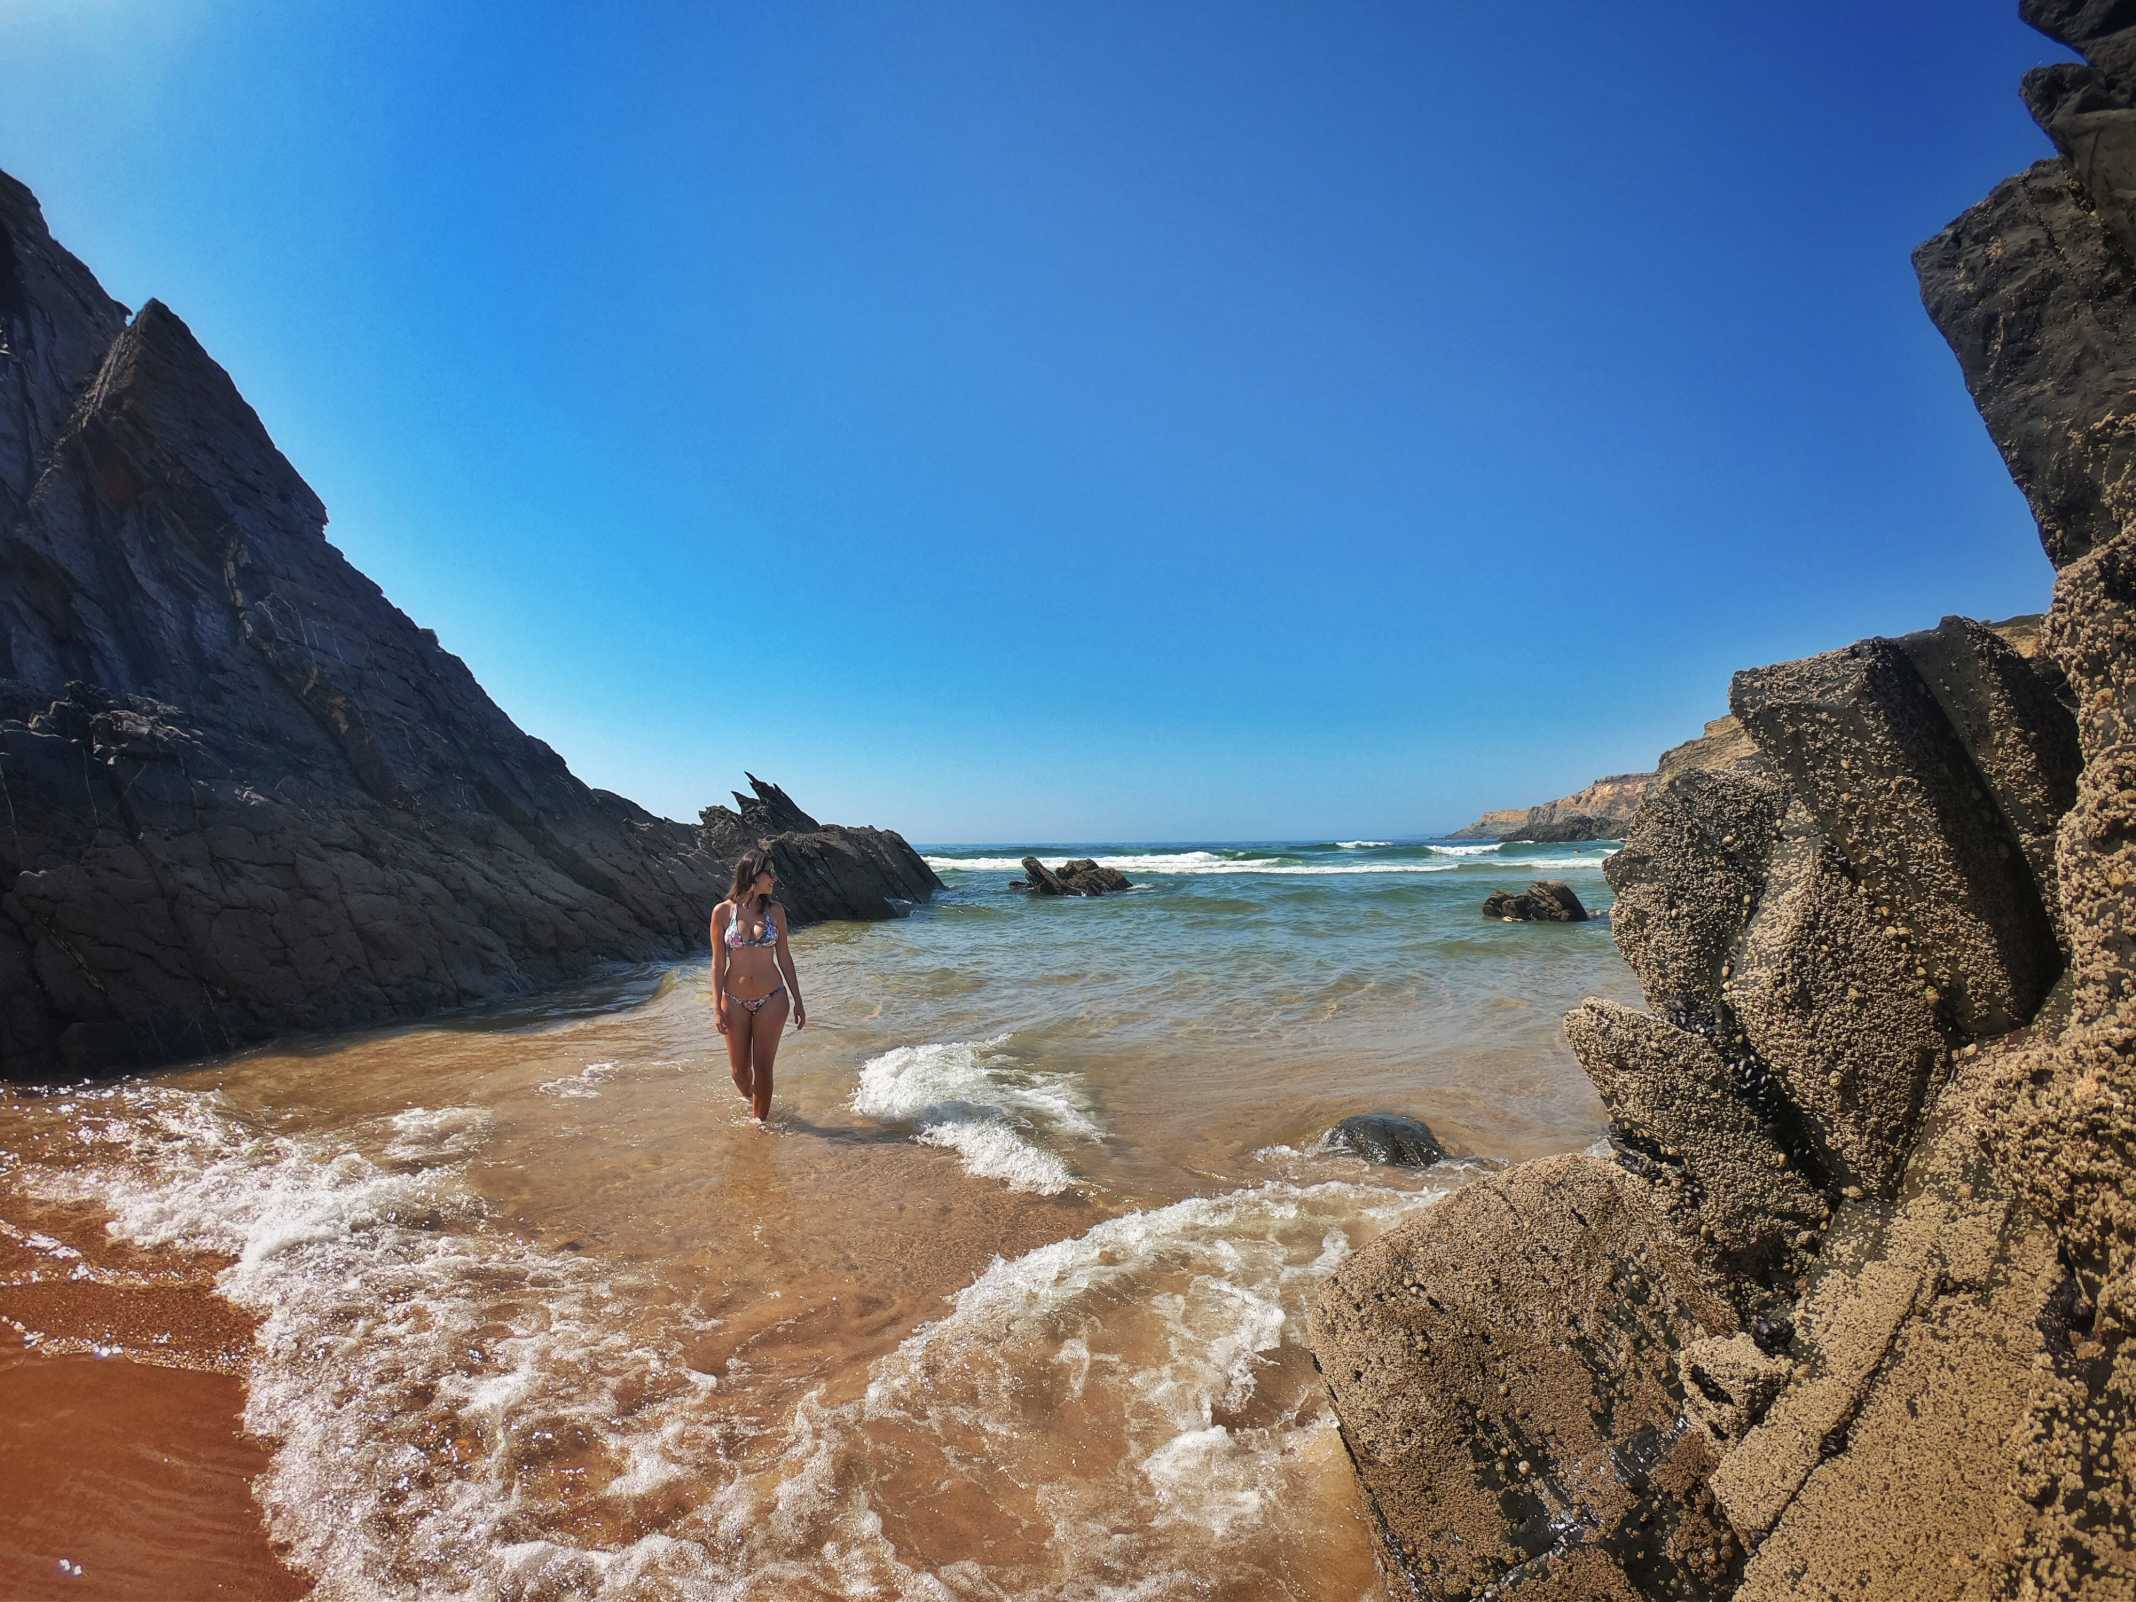 Costa Vicentina Praia do Carvalhal